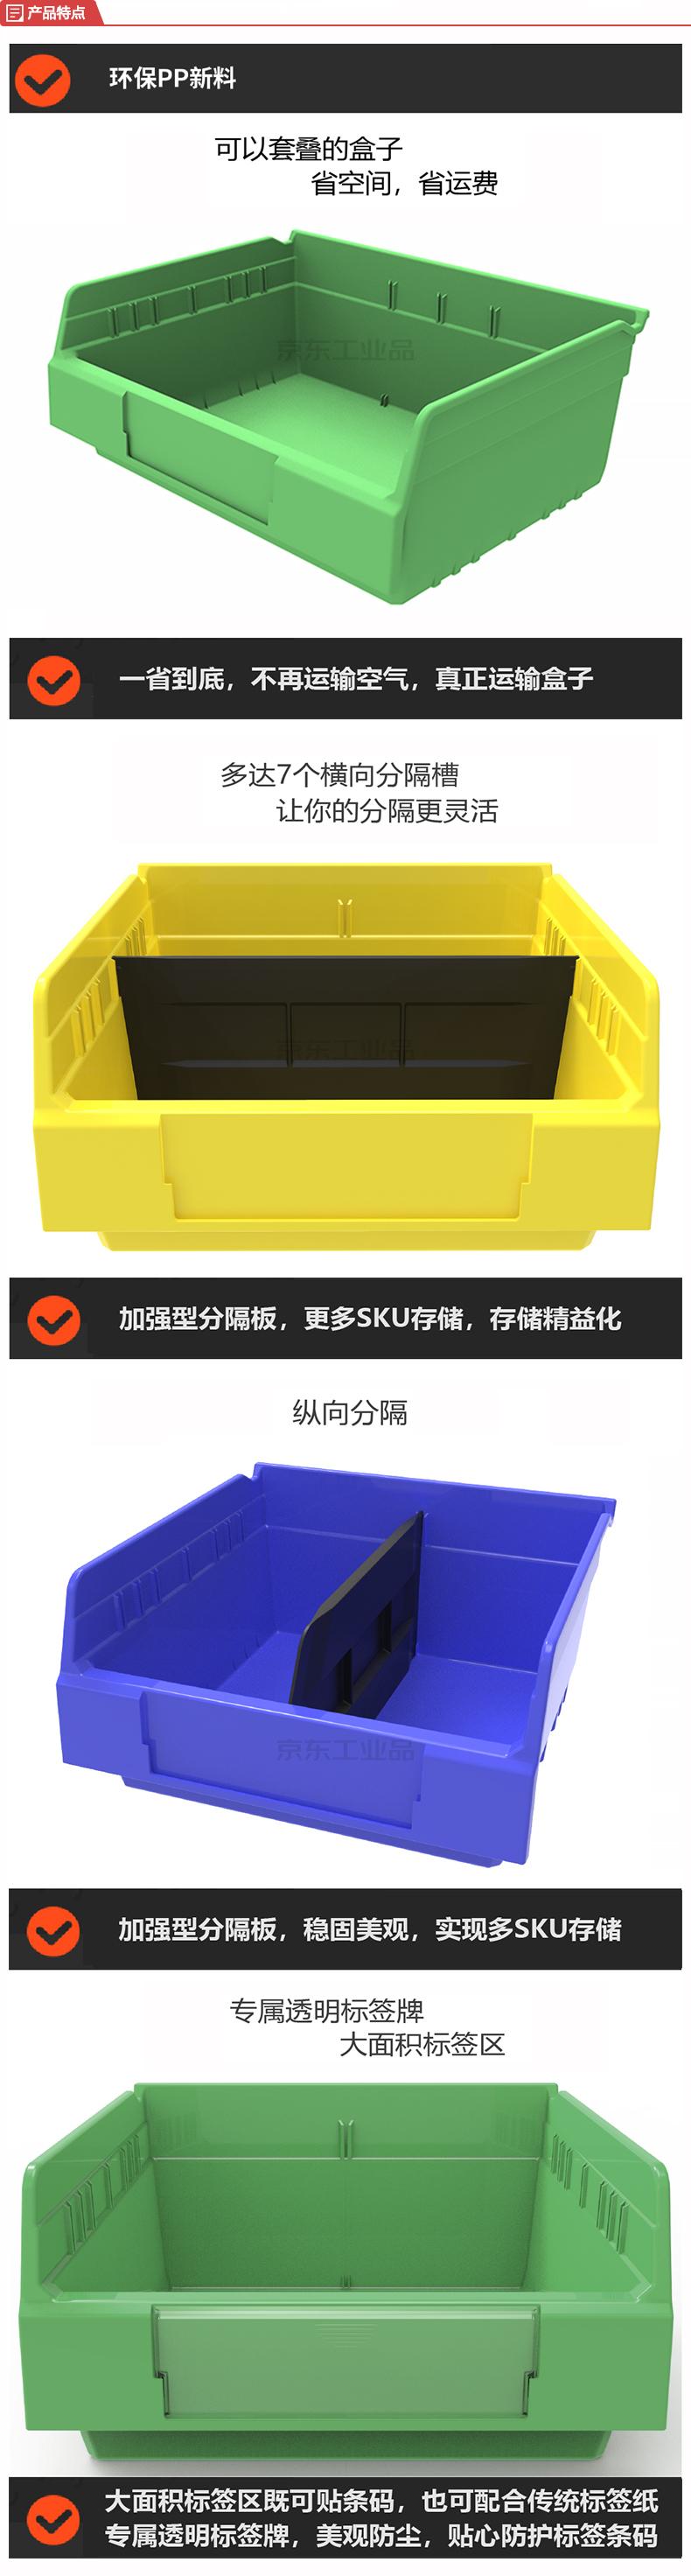 鼎王/TRIPOD KING 精益物料盒300*400*150mm;TK3415绿